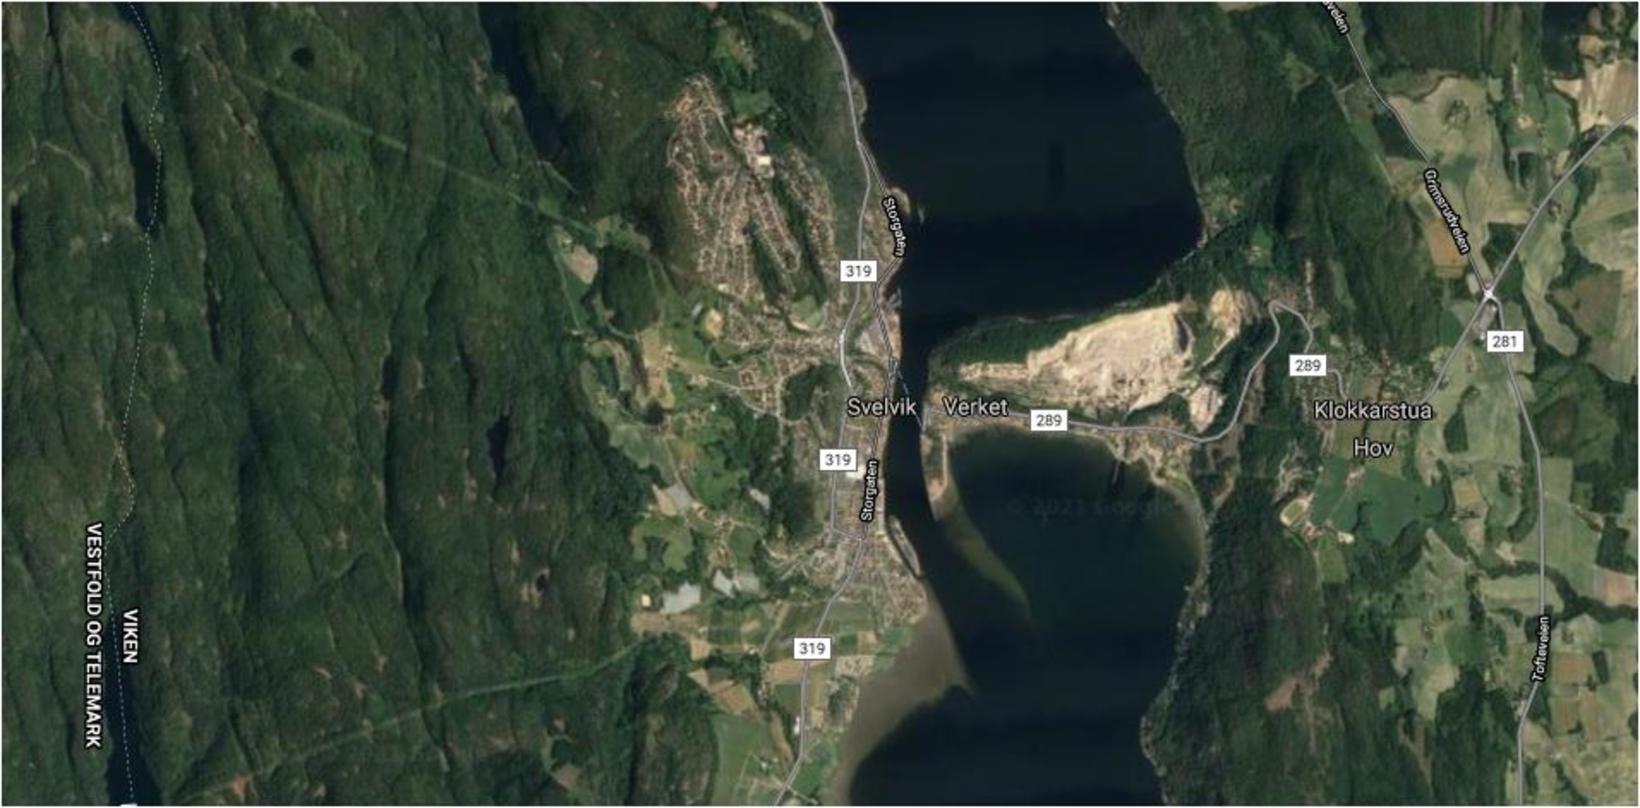 Svona lítur Svelviksundið út á Google Maps. Um þetta nálarauga, …